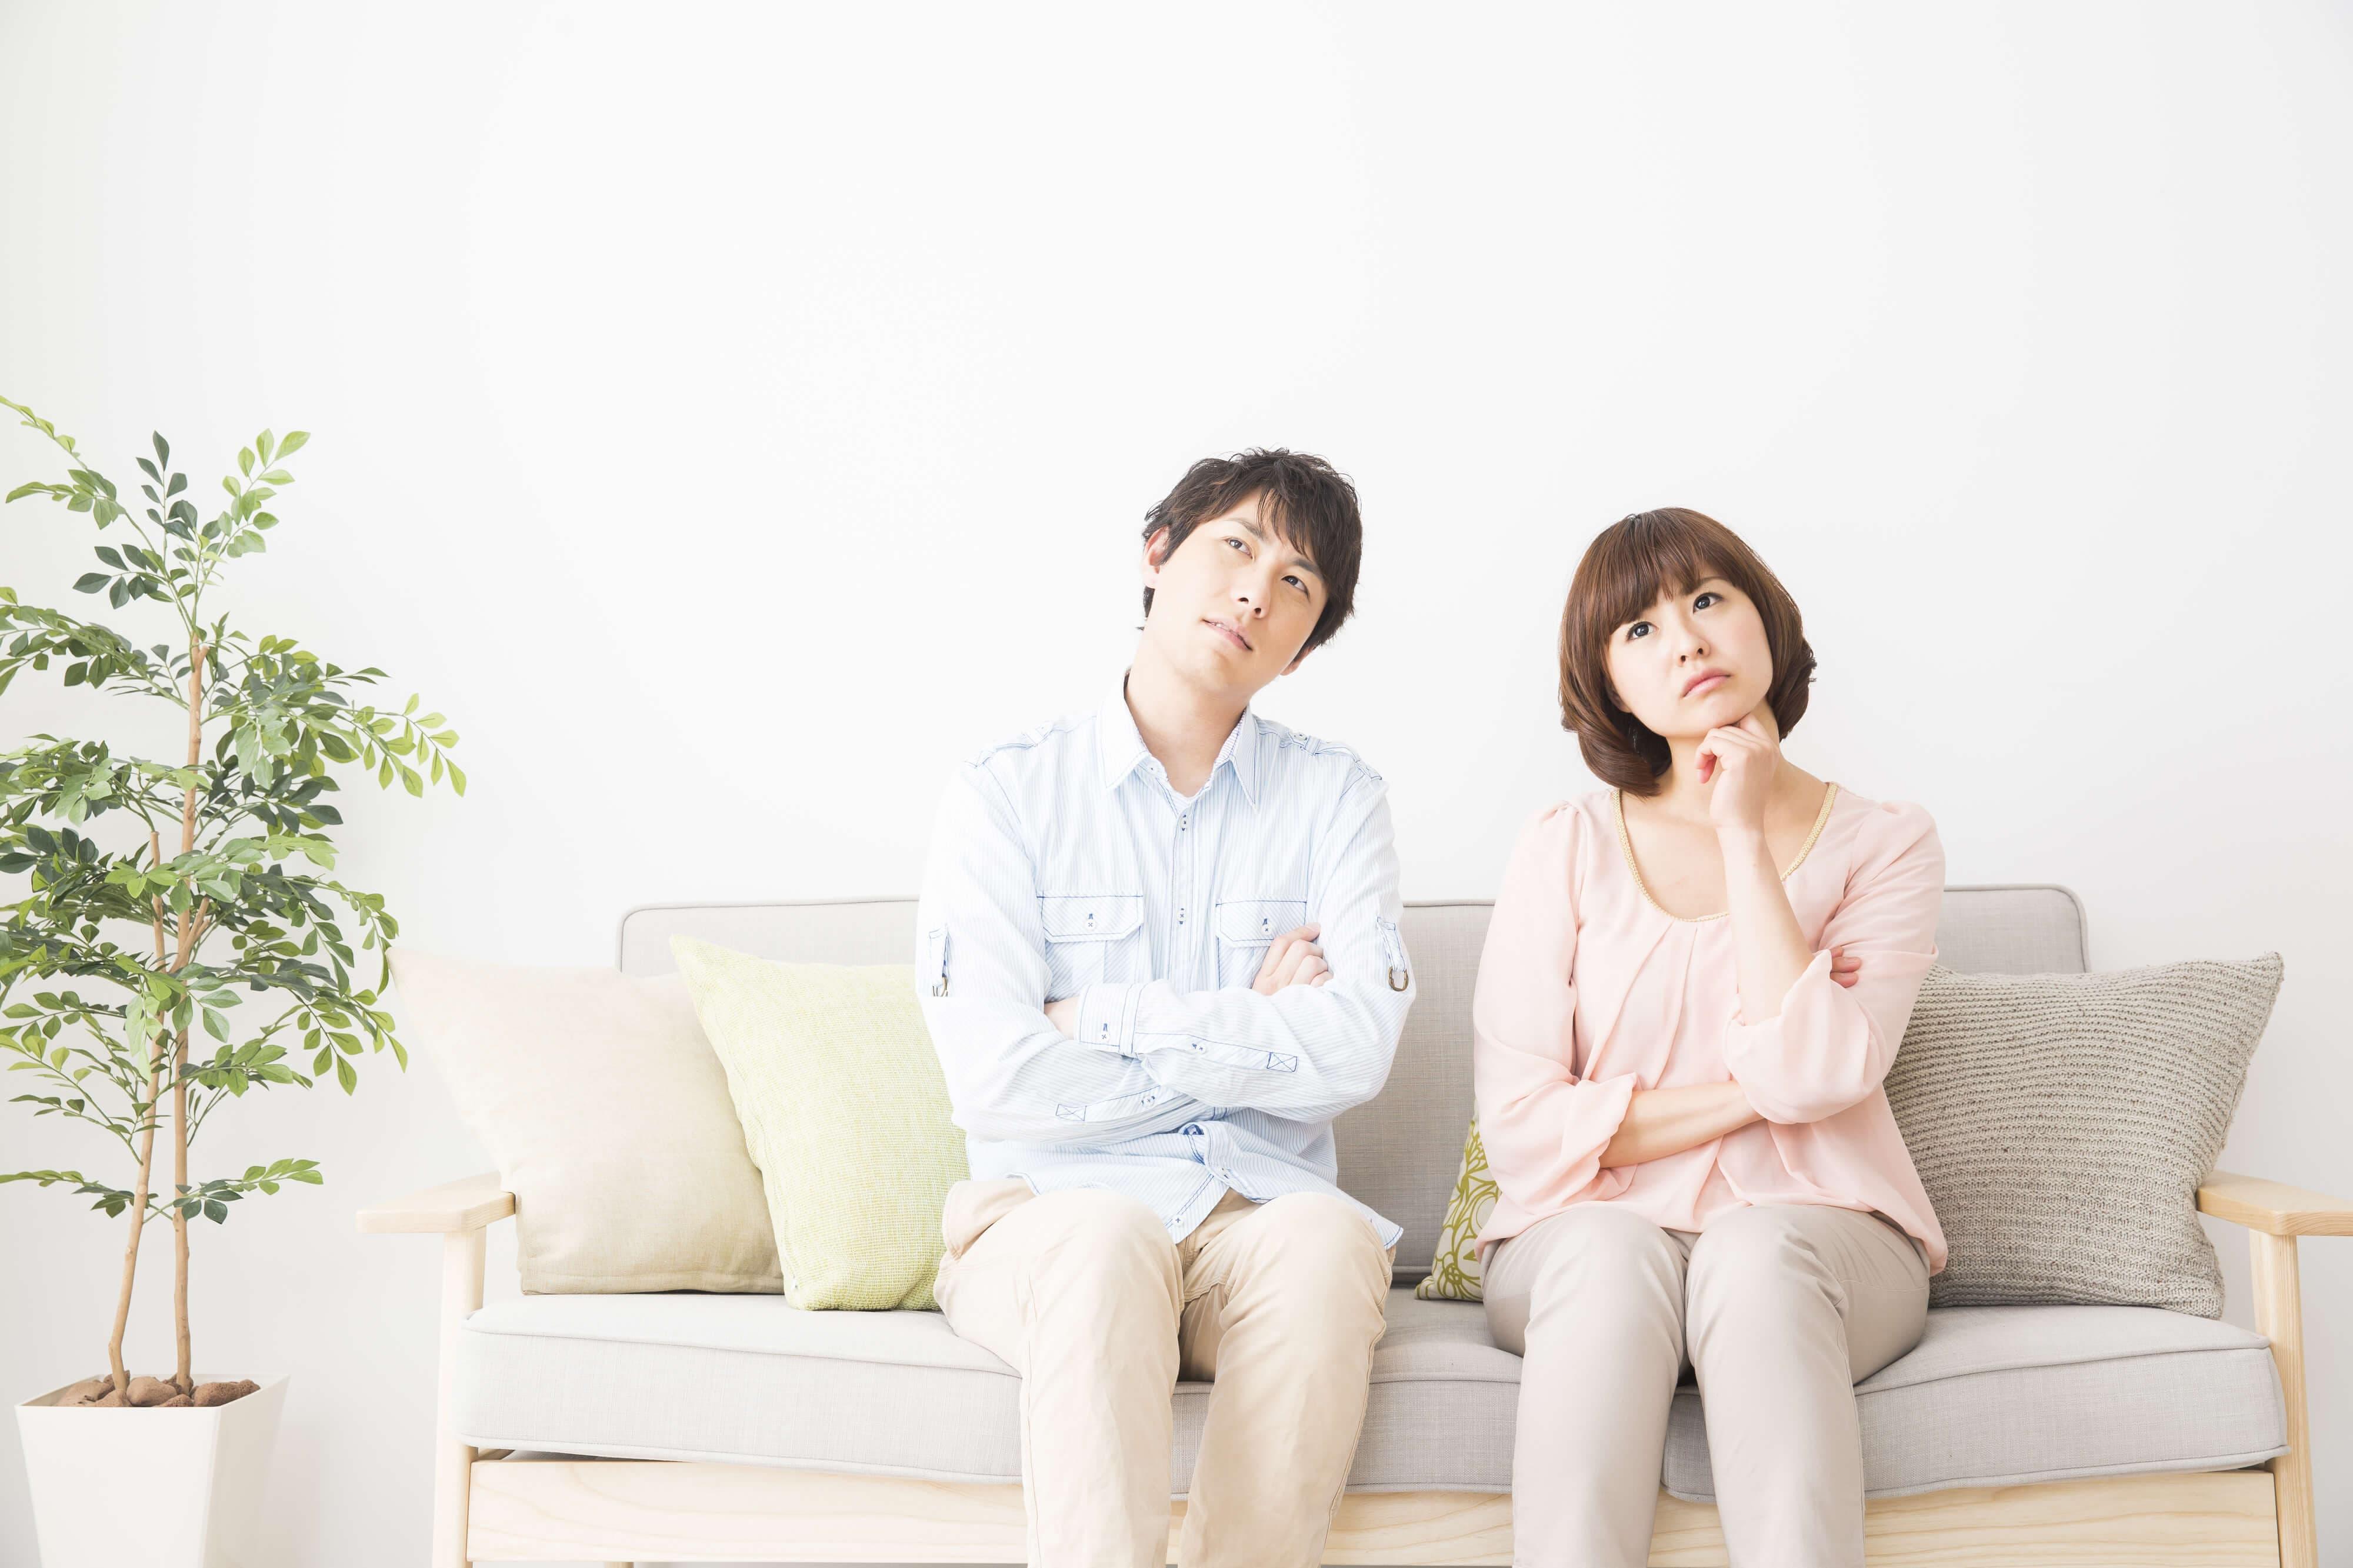 病院に行くまえに自宅で検査!不妊症の特徴、症状とは?